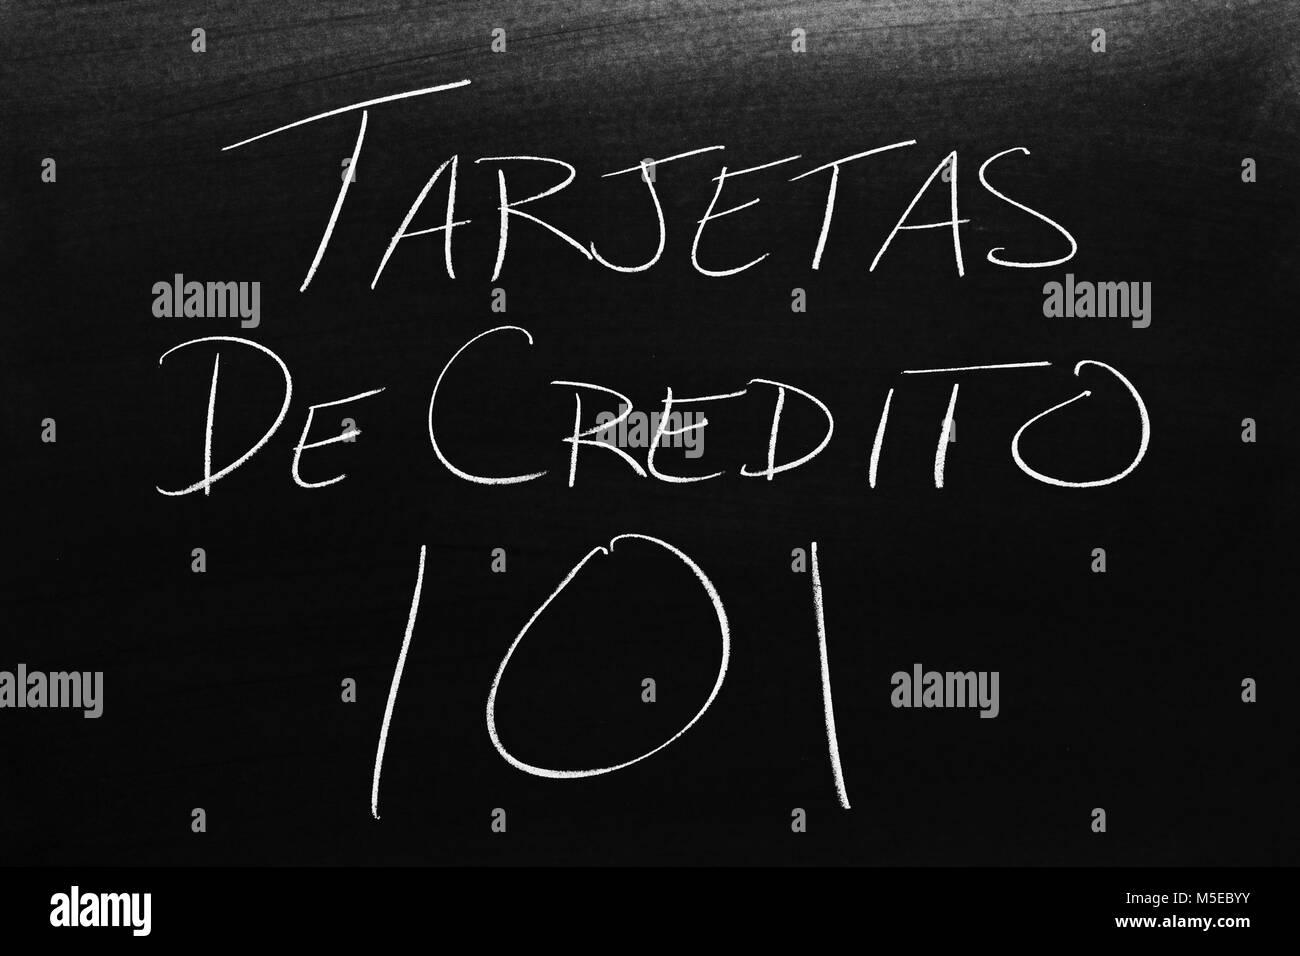 Le parole Tarjetas de Crédito 101 su una lavagna in Chalk Immagini Stock